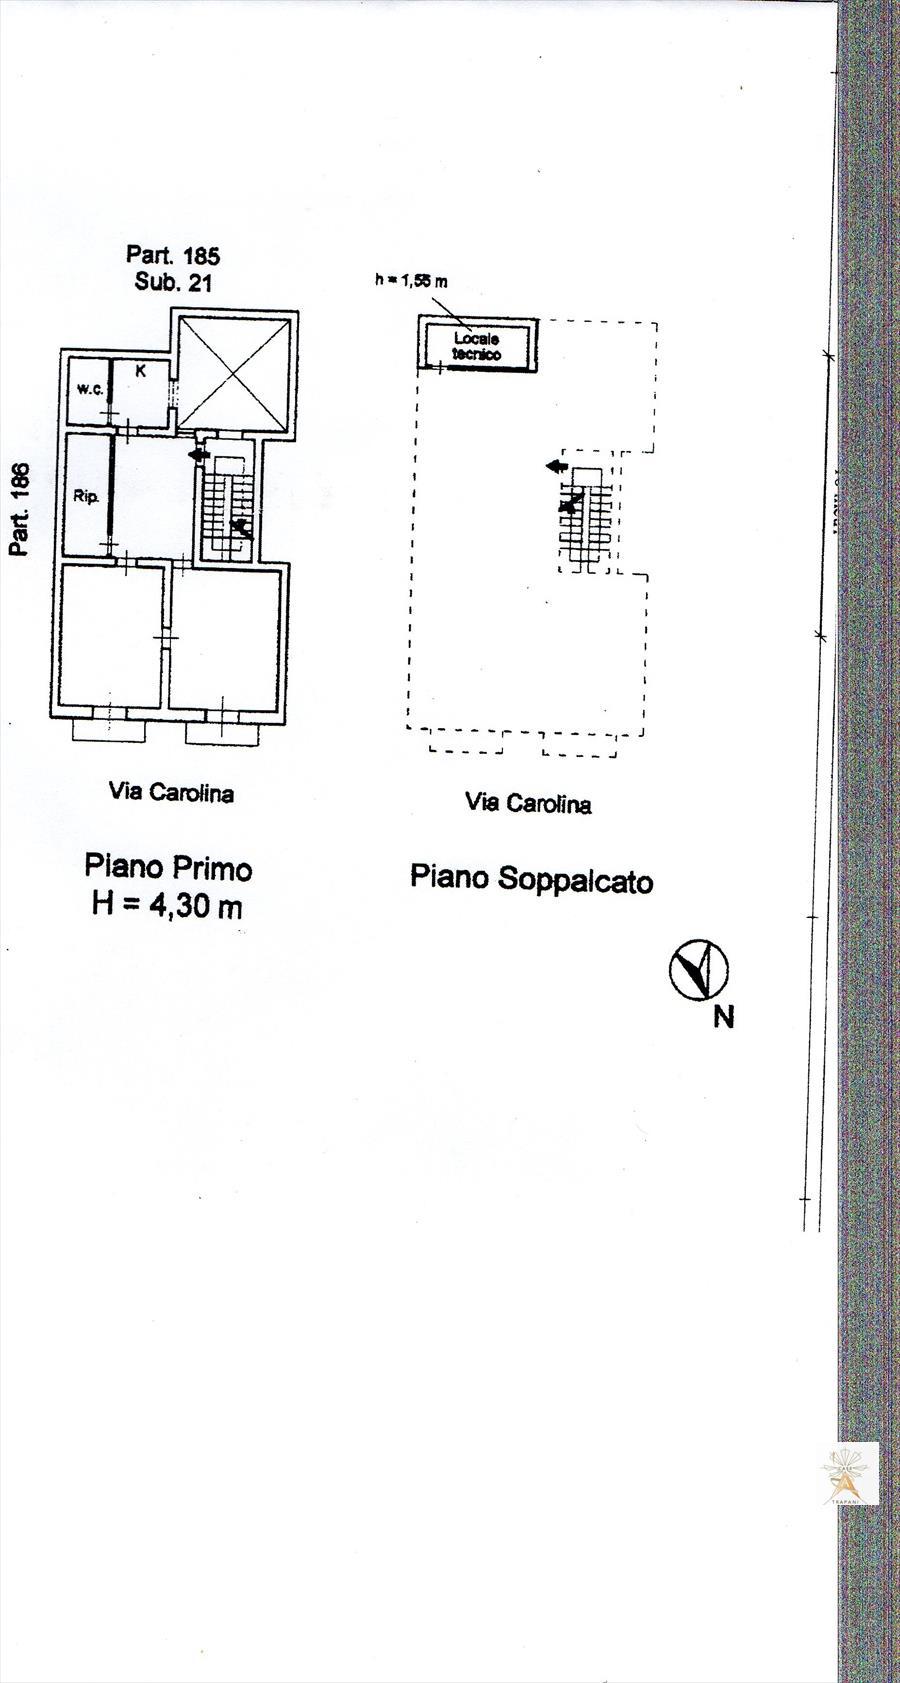 Appartamento in vendita a Trapani, 3 locali, prezzo € 75.000 | Cambio Casa.it